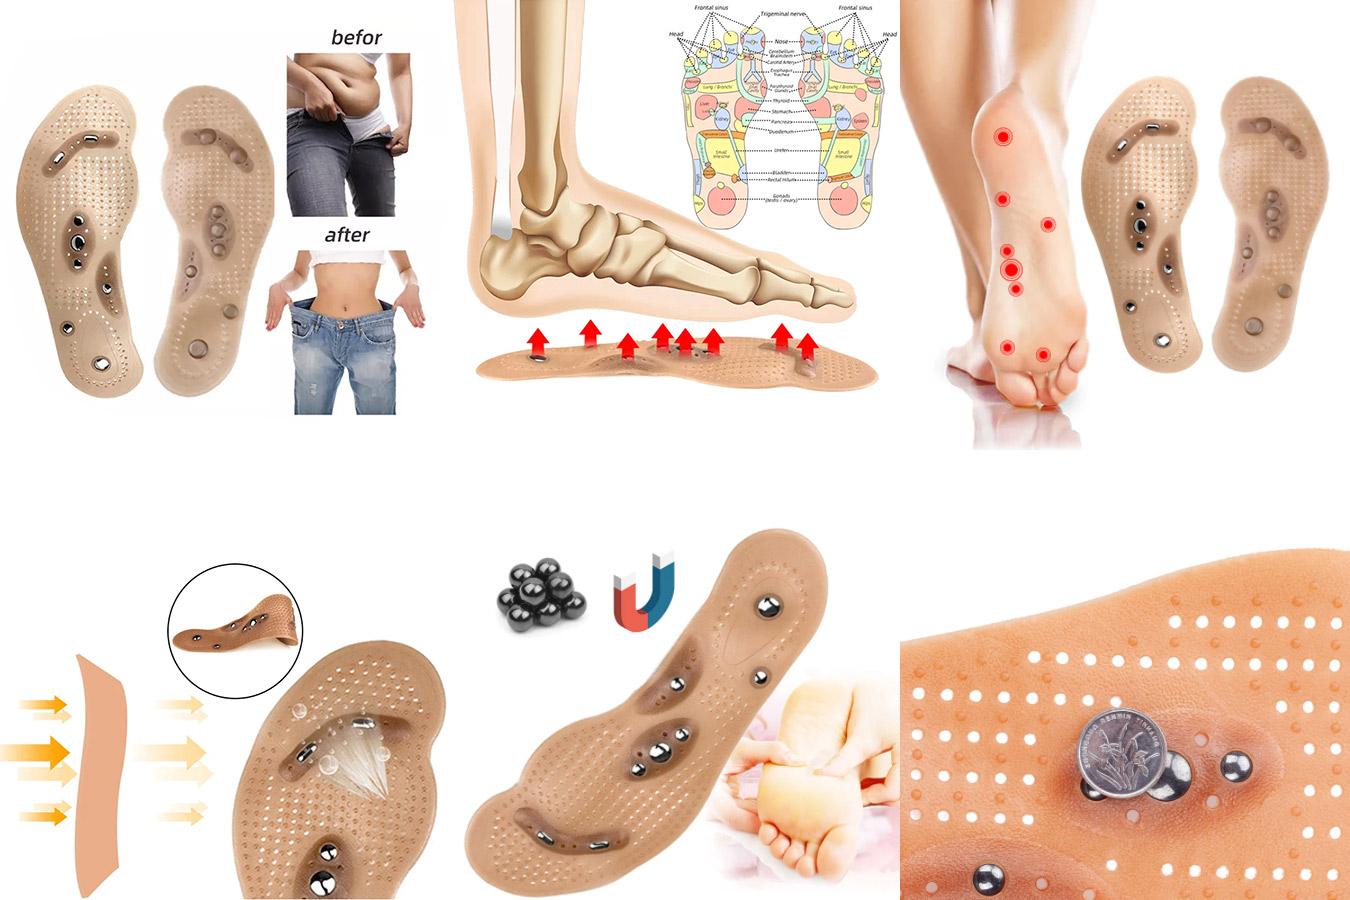 Магнитные стельки для массажа ног